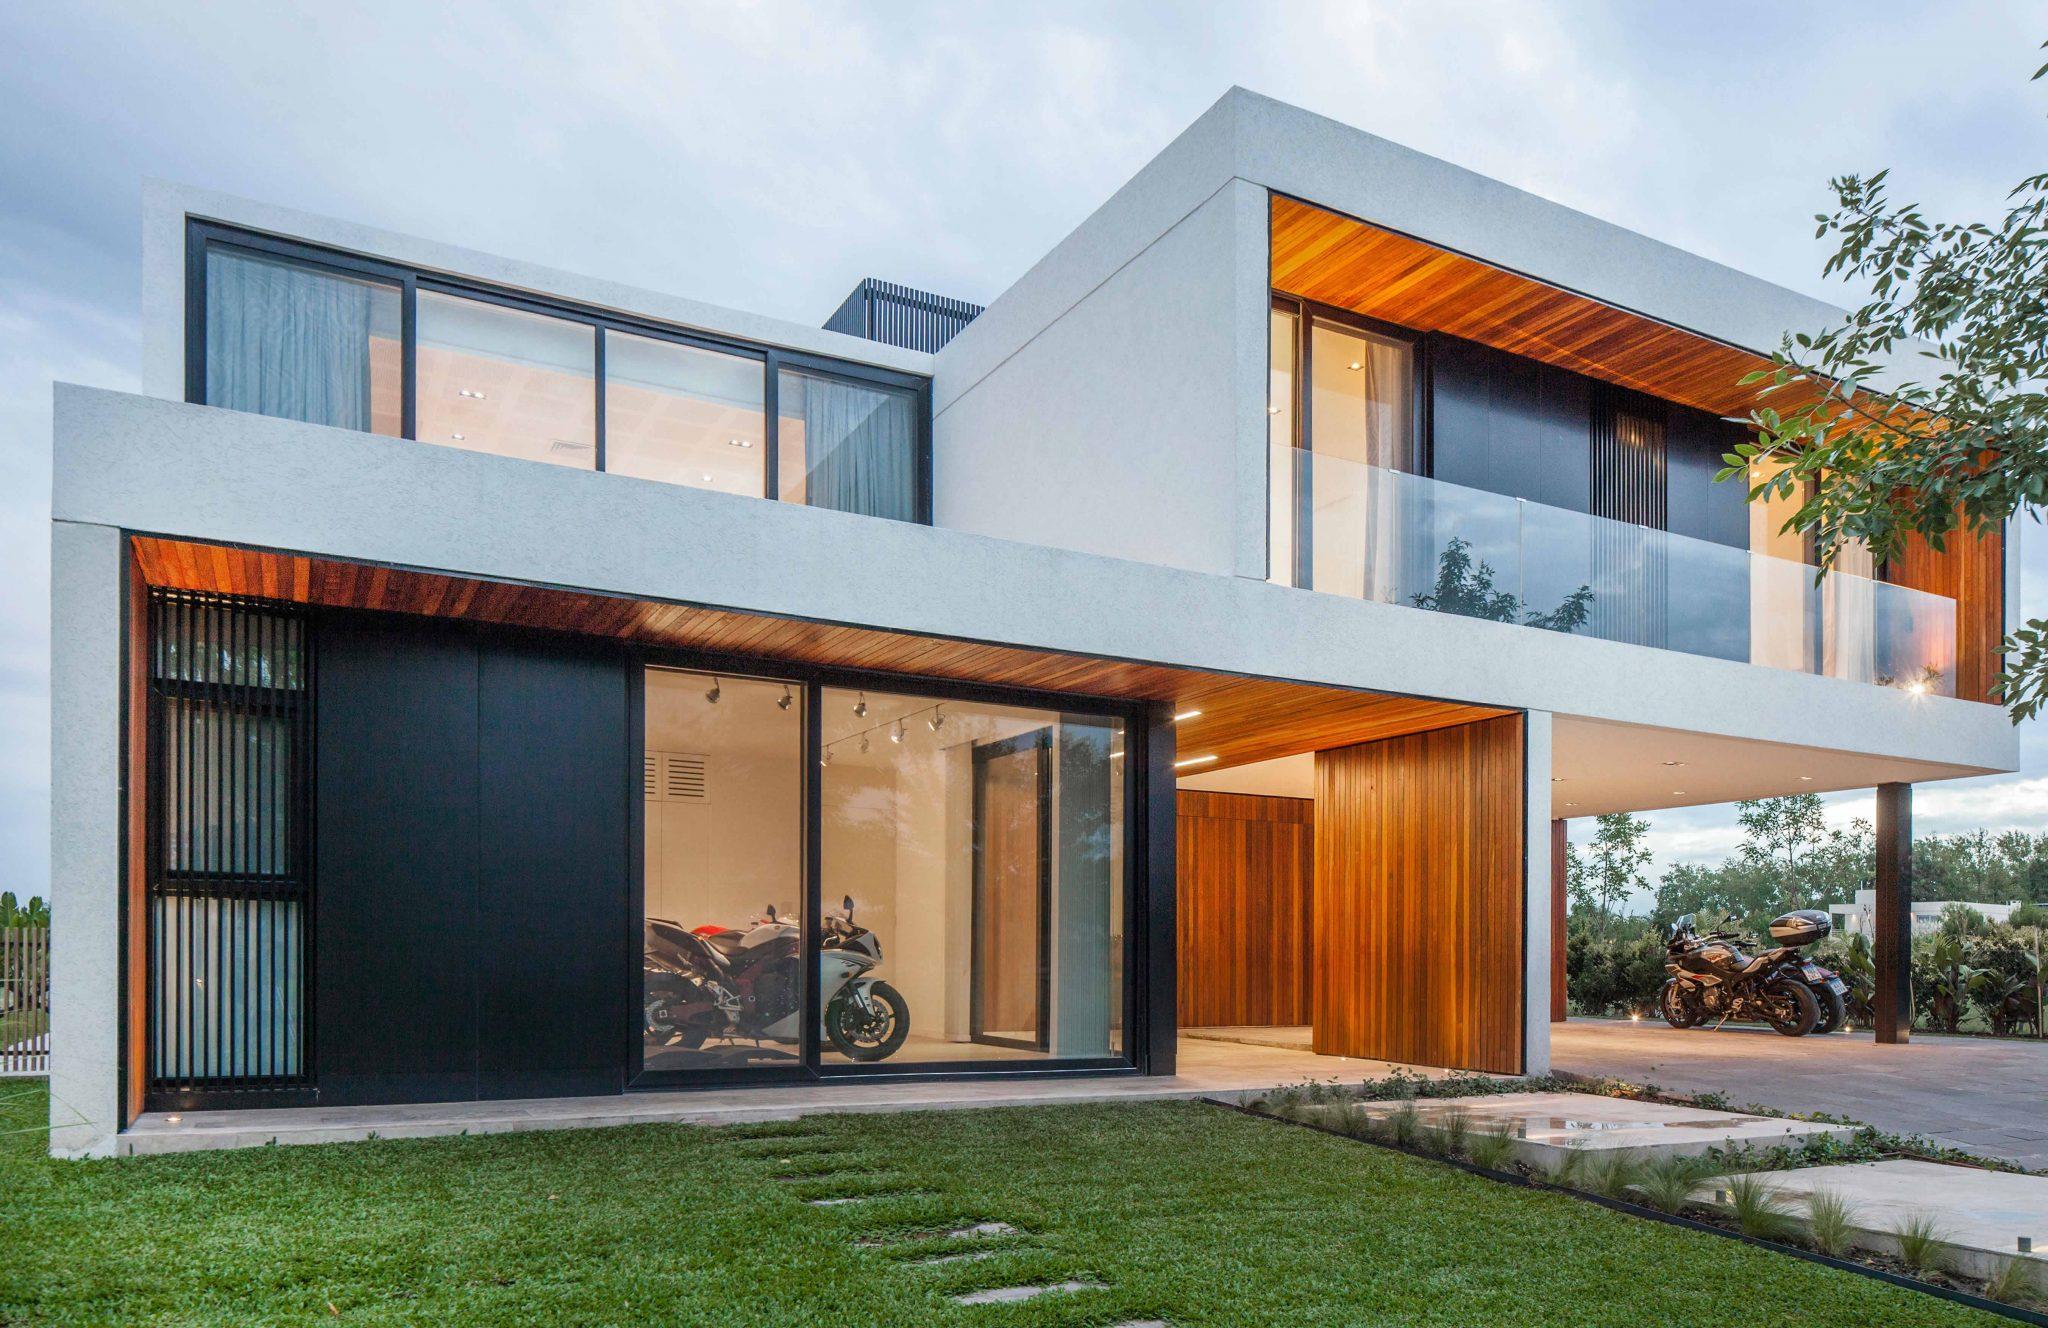 ¿Como ser más eficientes en el ahorro energético del hogar y ahorrar en el consumo?